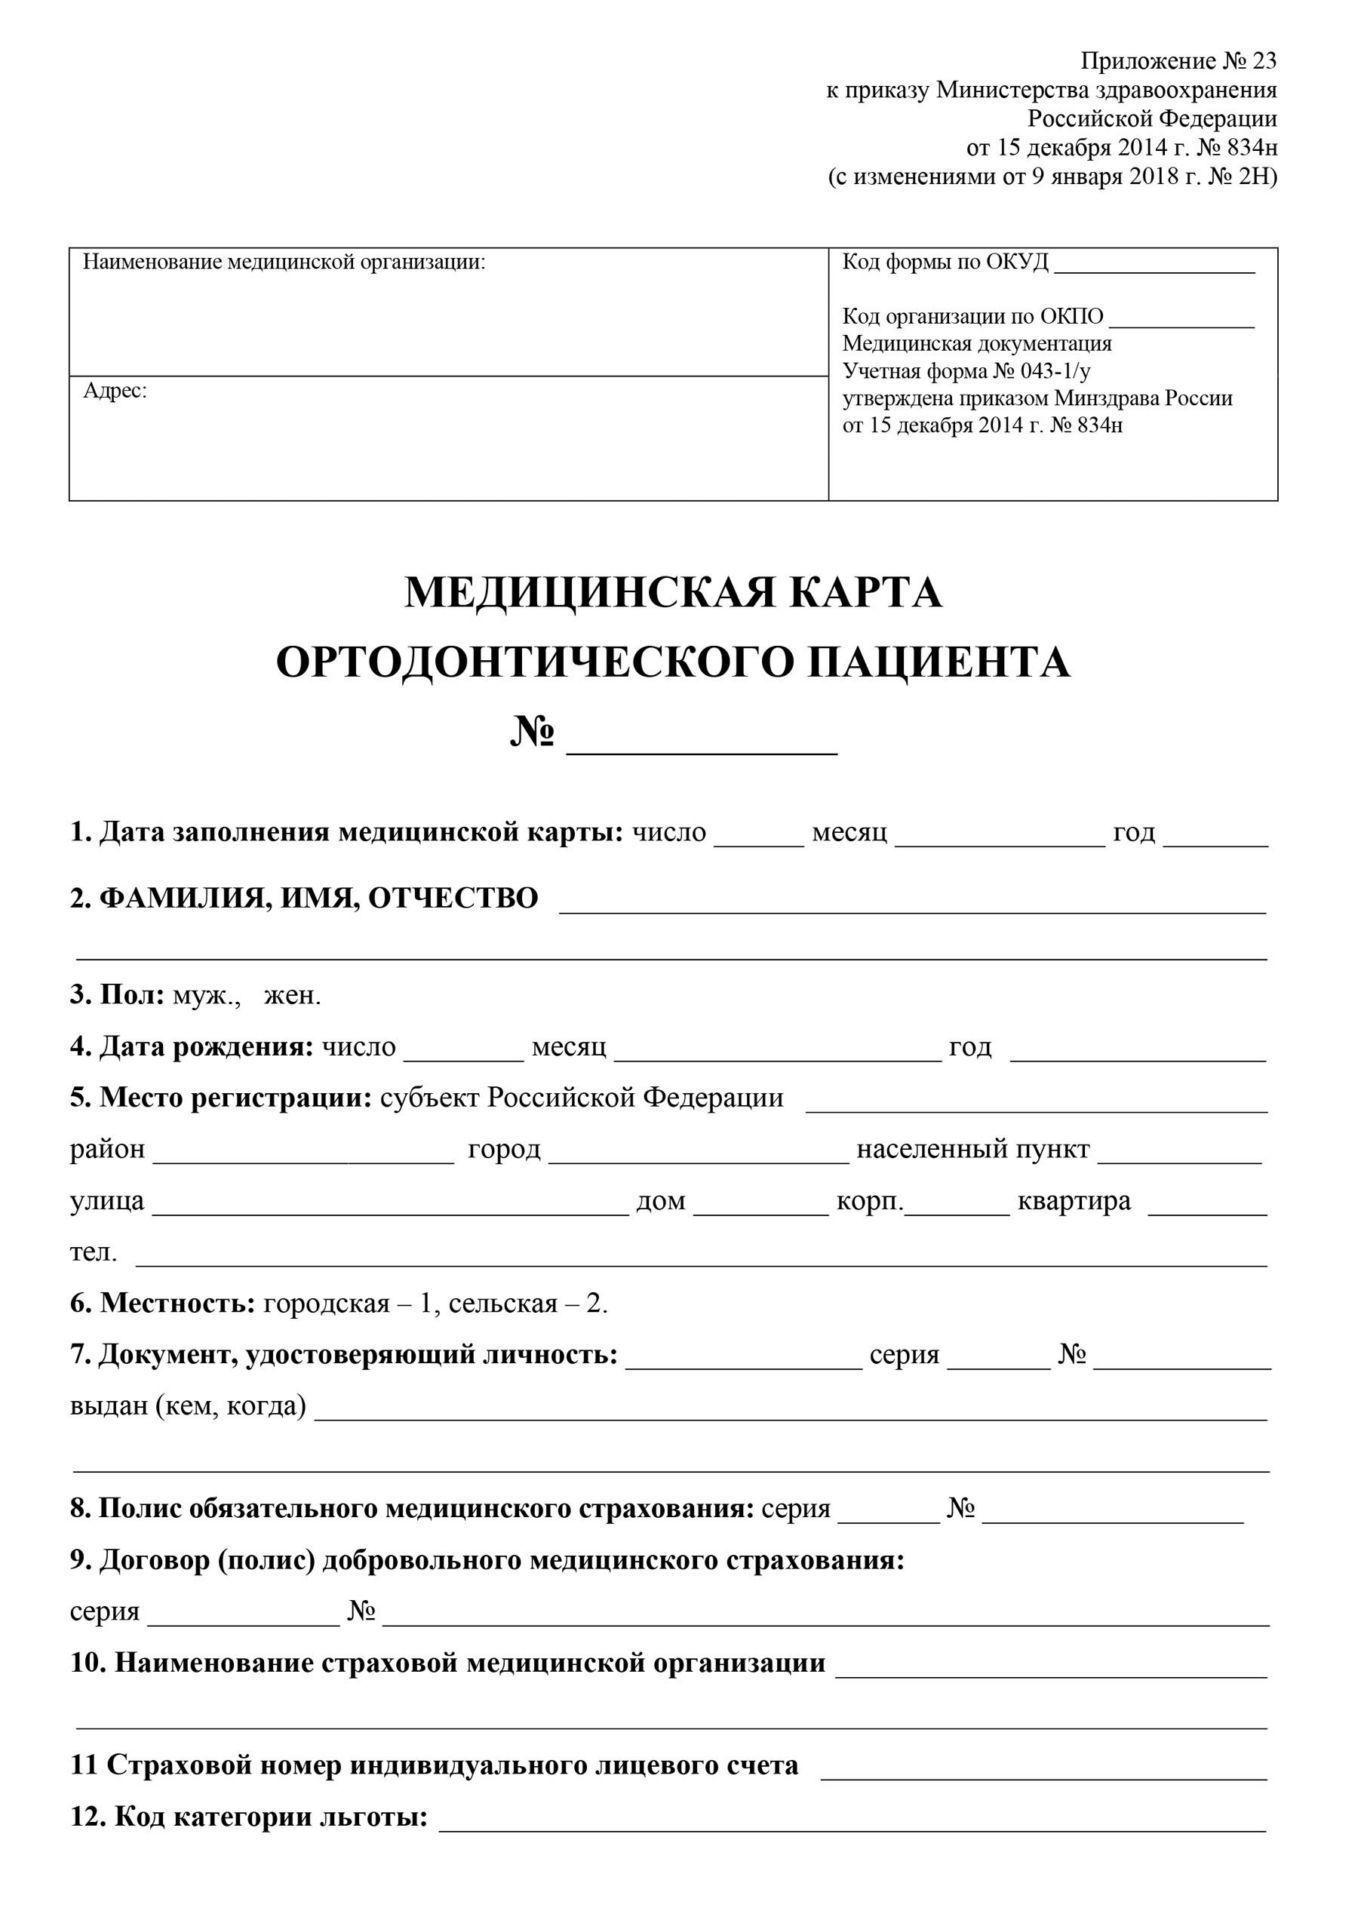 Медицинская  карта ортодонтического пациента (форма № 043-1/у)Бланки<br>Материалы:на блок - бумага офсетная, пл. 80.00.<br><br>Год: 2017<br>Высота: 285<br>Ширина: 197<br>Толщина: 1<br>Переплёт: мягкая, скрепка